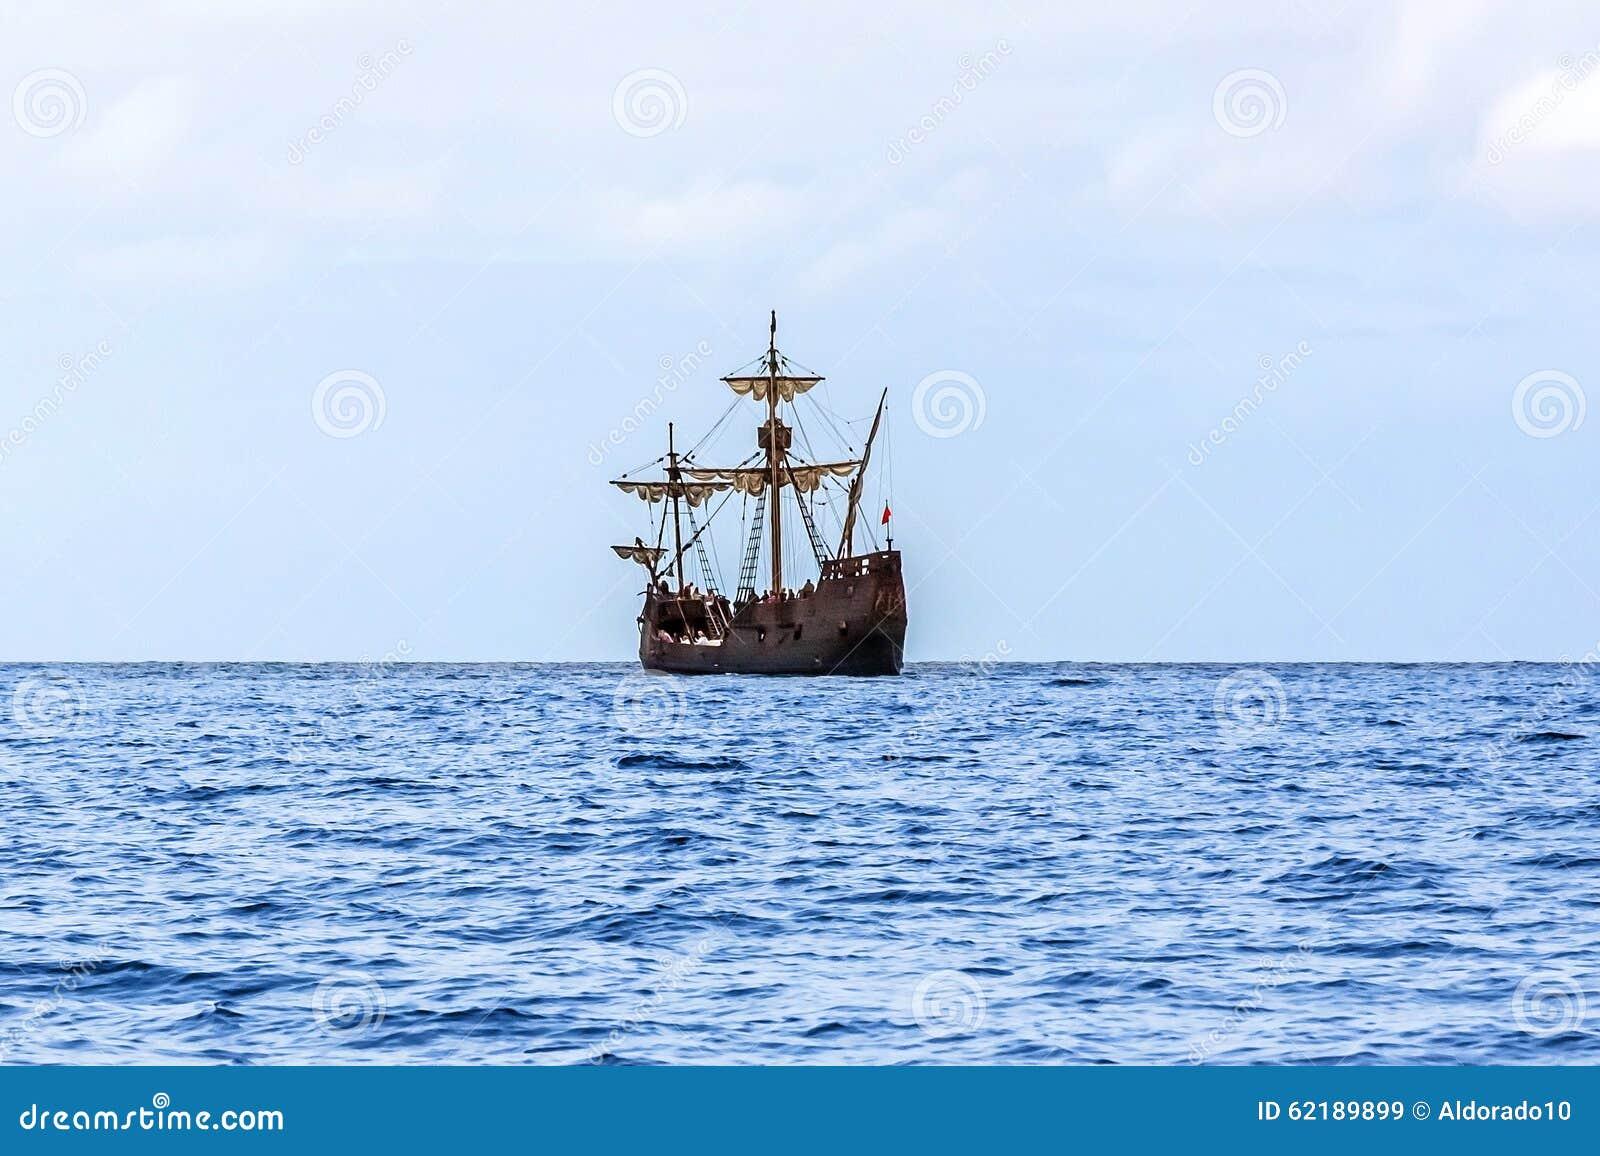 replica of christopher columbus u0027 ship santa maria madeira